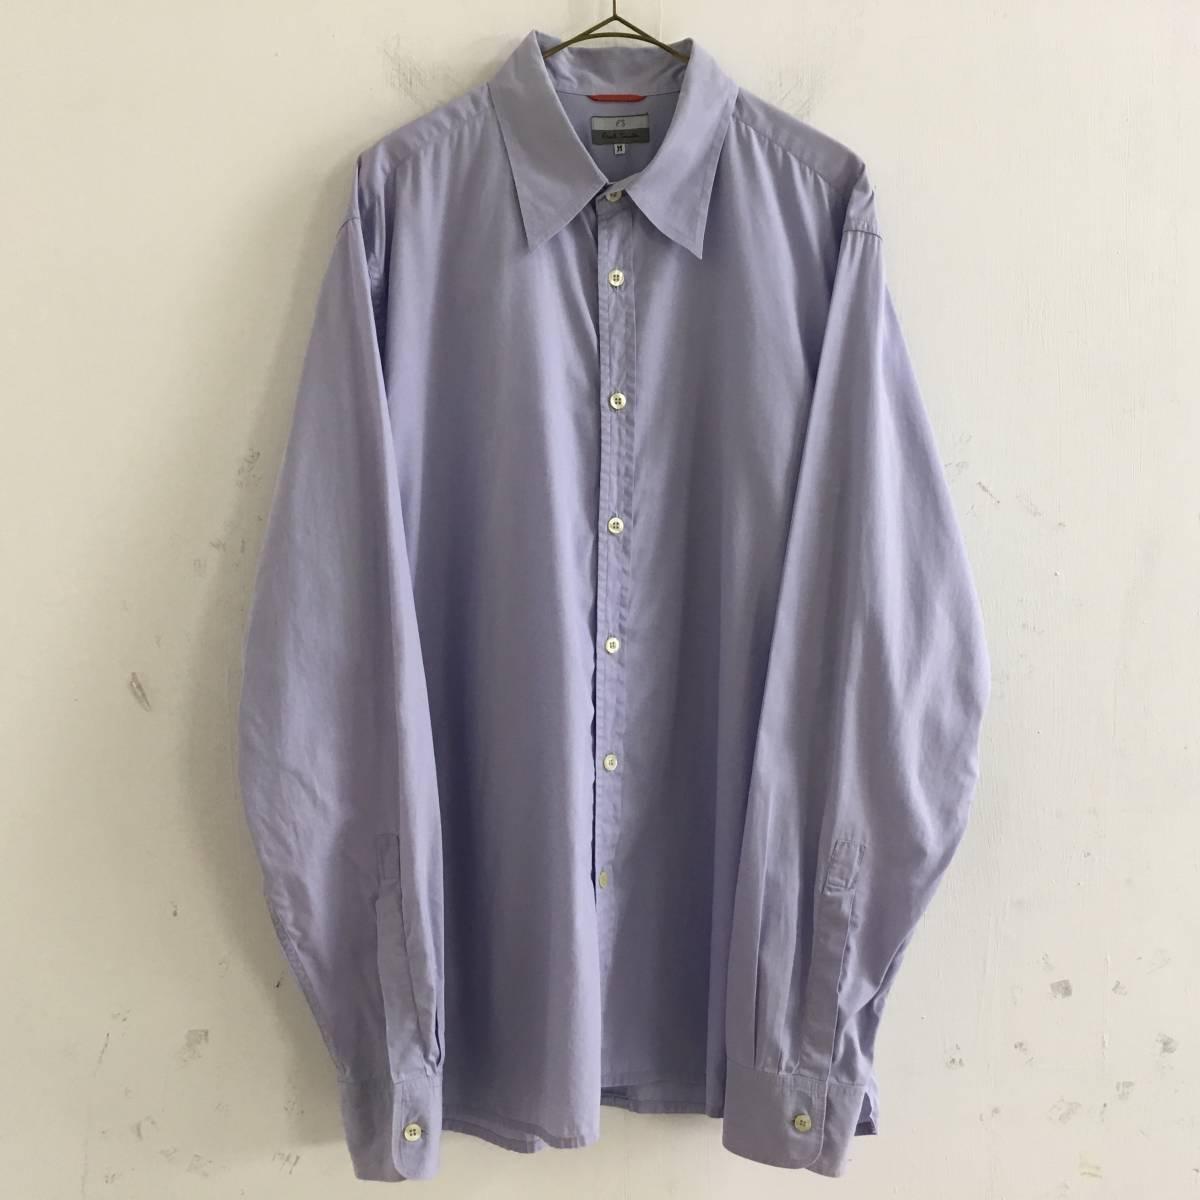 #Paul Smith ポールスミス 長袖シャツ ブラウス 薄い紫 パープル Mサイズ 綿100% USED【送料一律/同梱可能】